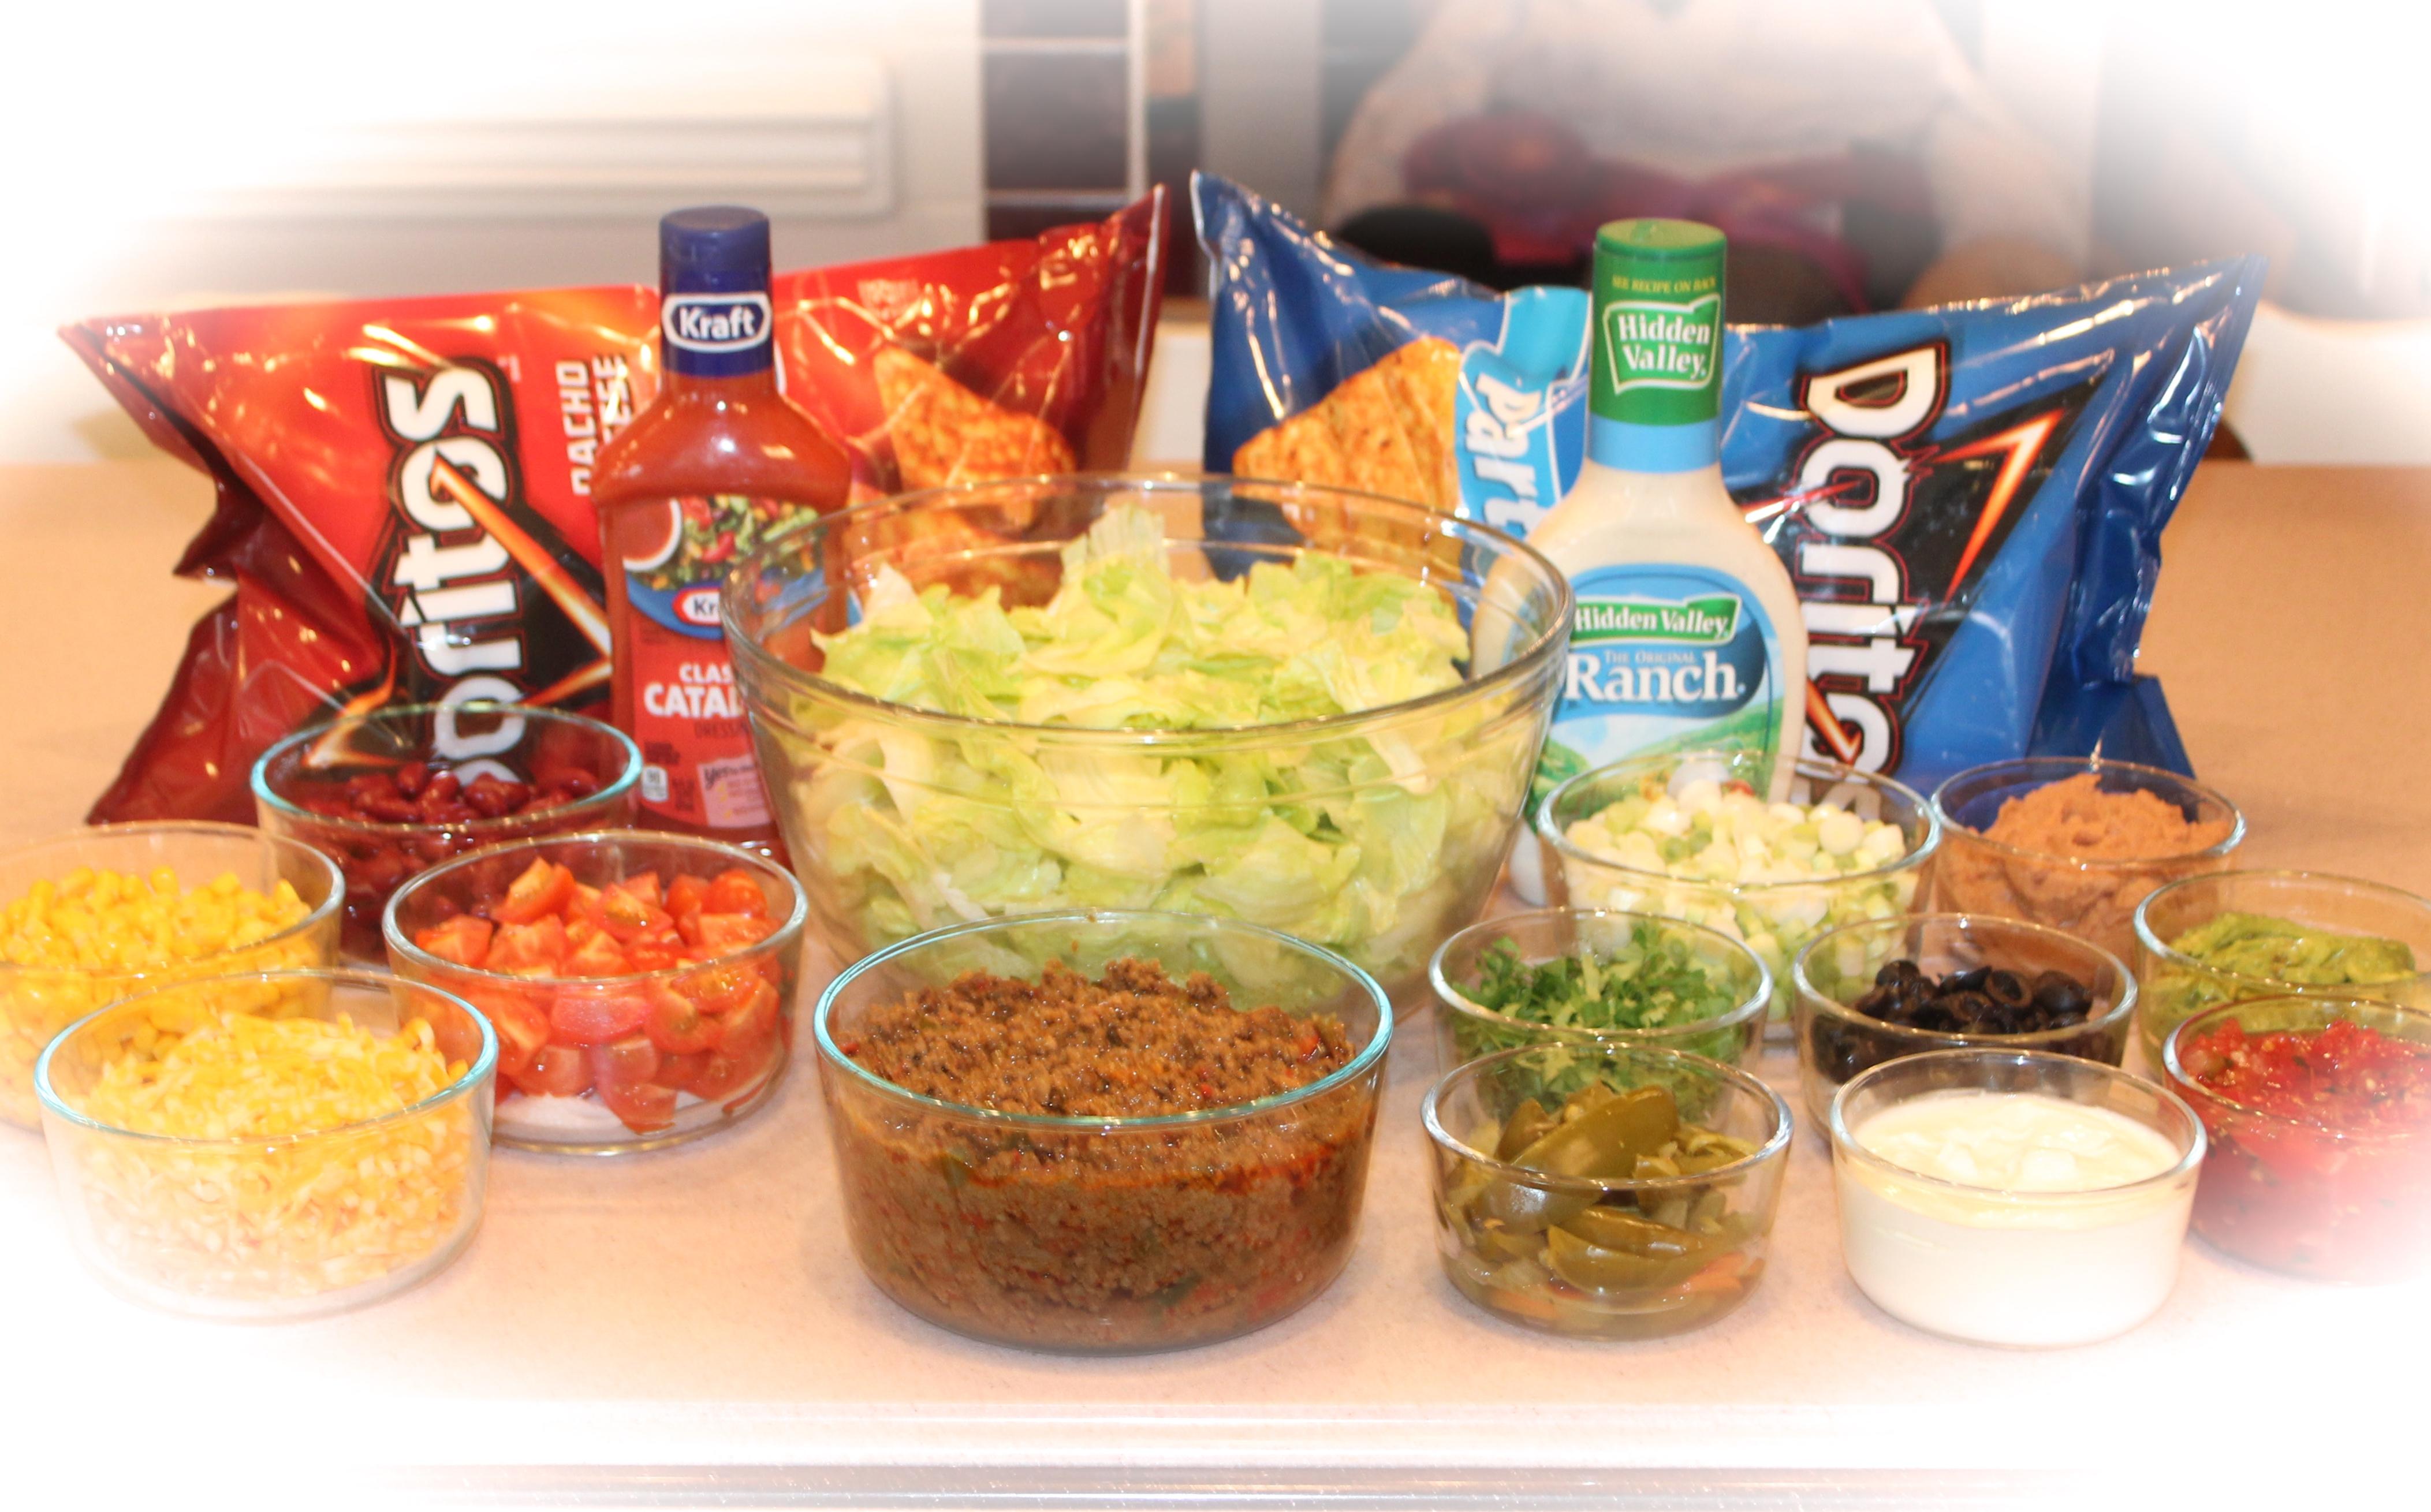 Taco Salad Recipe With Hidden Valley Ranch